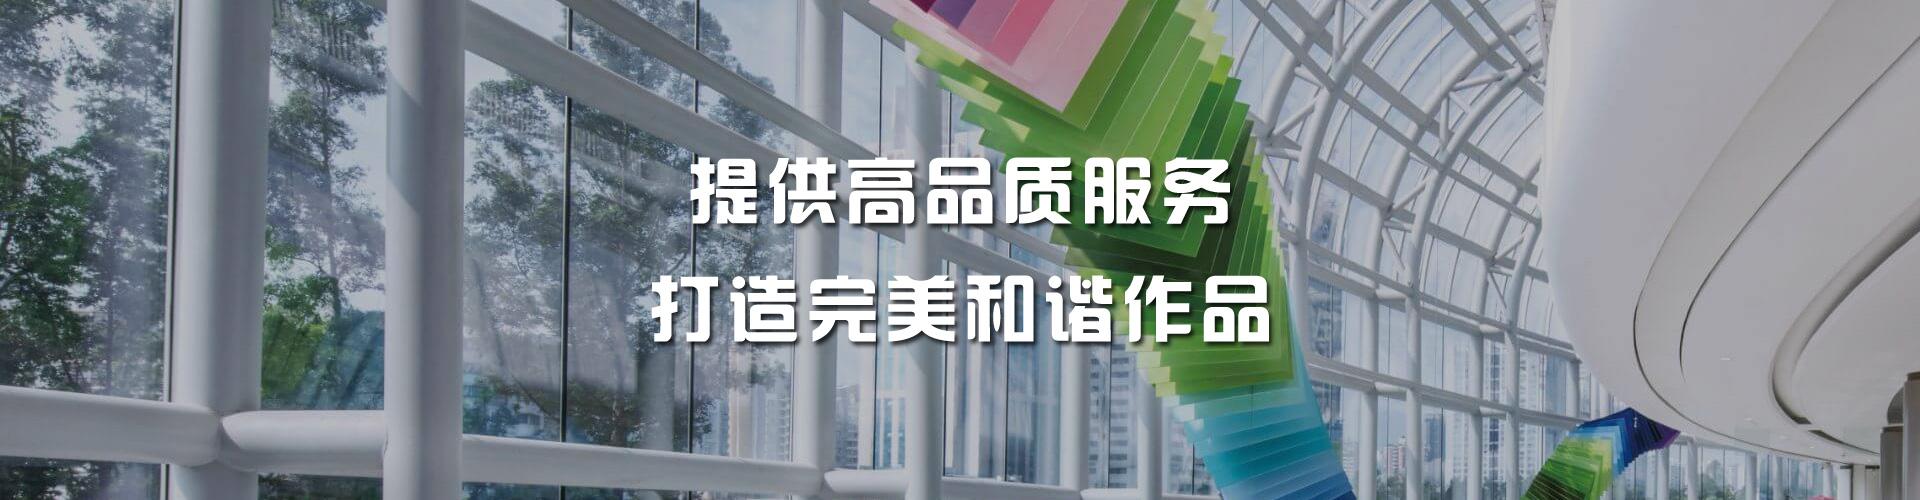 西安卓峰建筑装饰工程集团有限公司